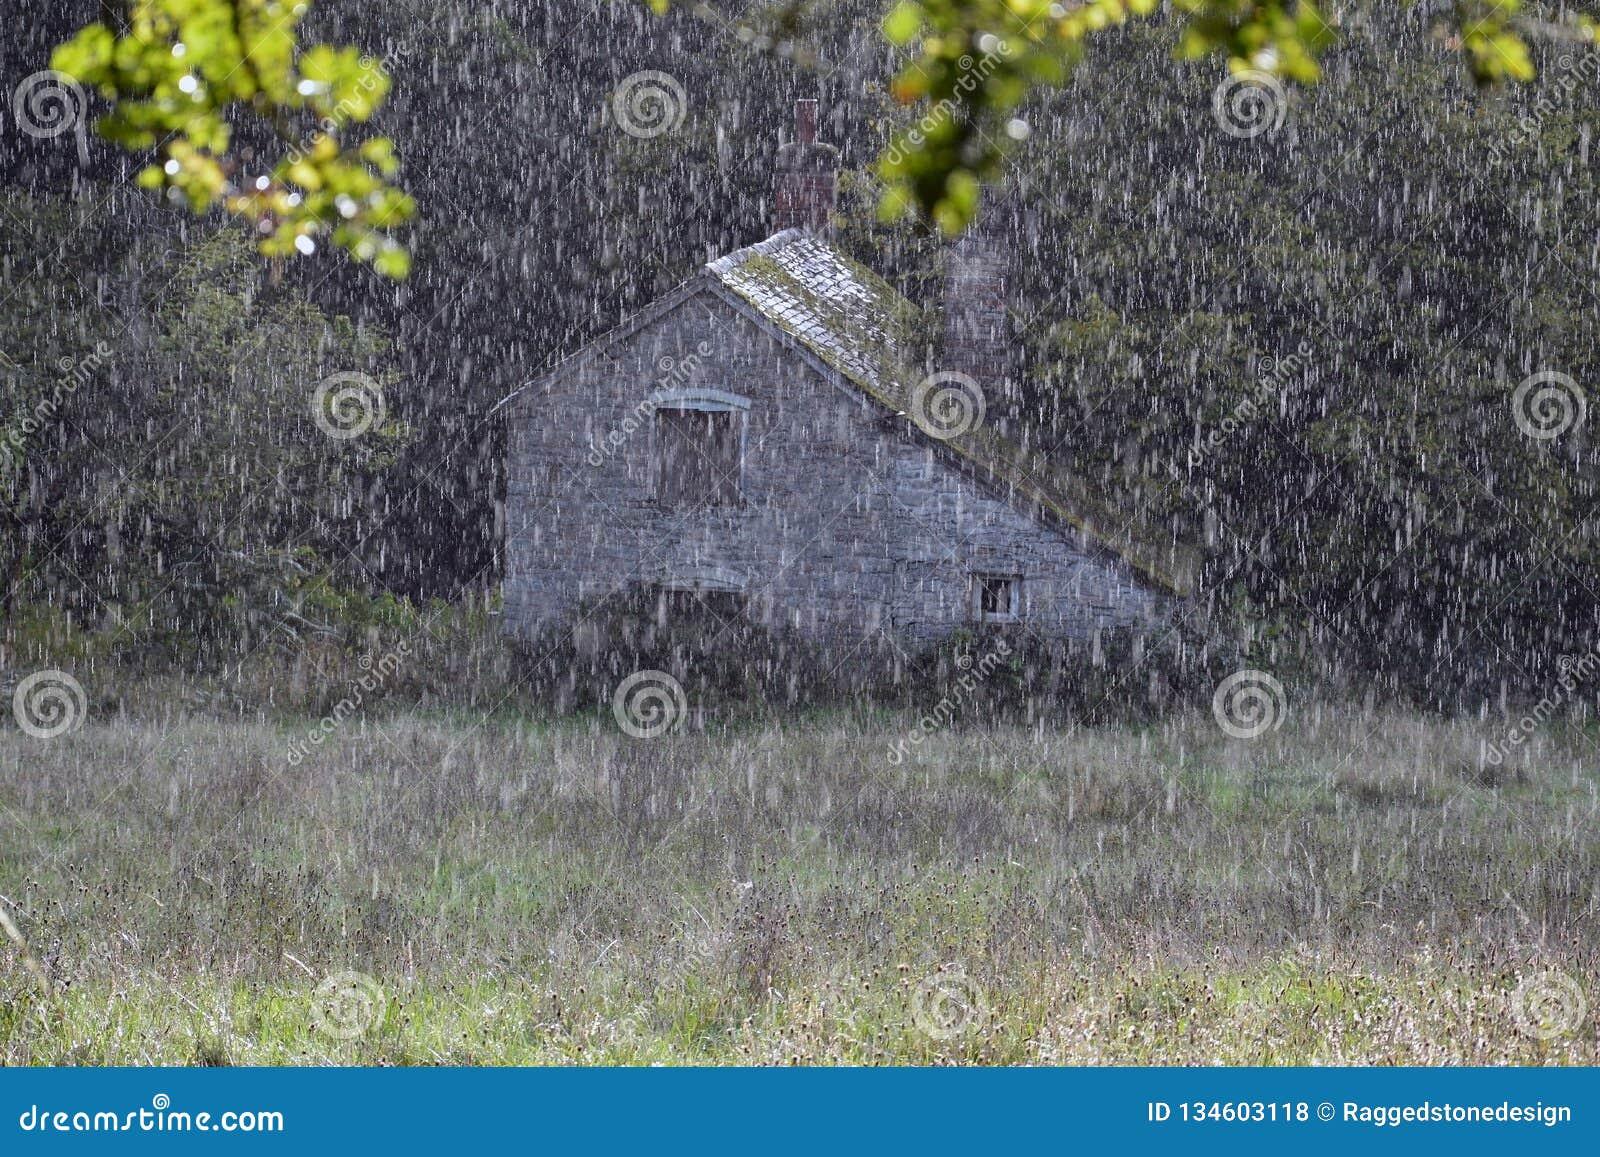 Στενός ένας επάνω της βροχής που αφορά ένα λιβάδι με έναν όμορφο εγκαταλειμμένο μύλο Knapp και Papermill, Worcestershire, UK